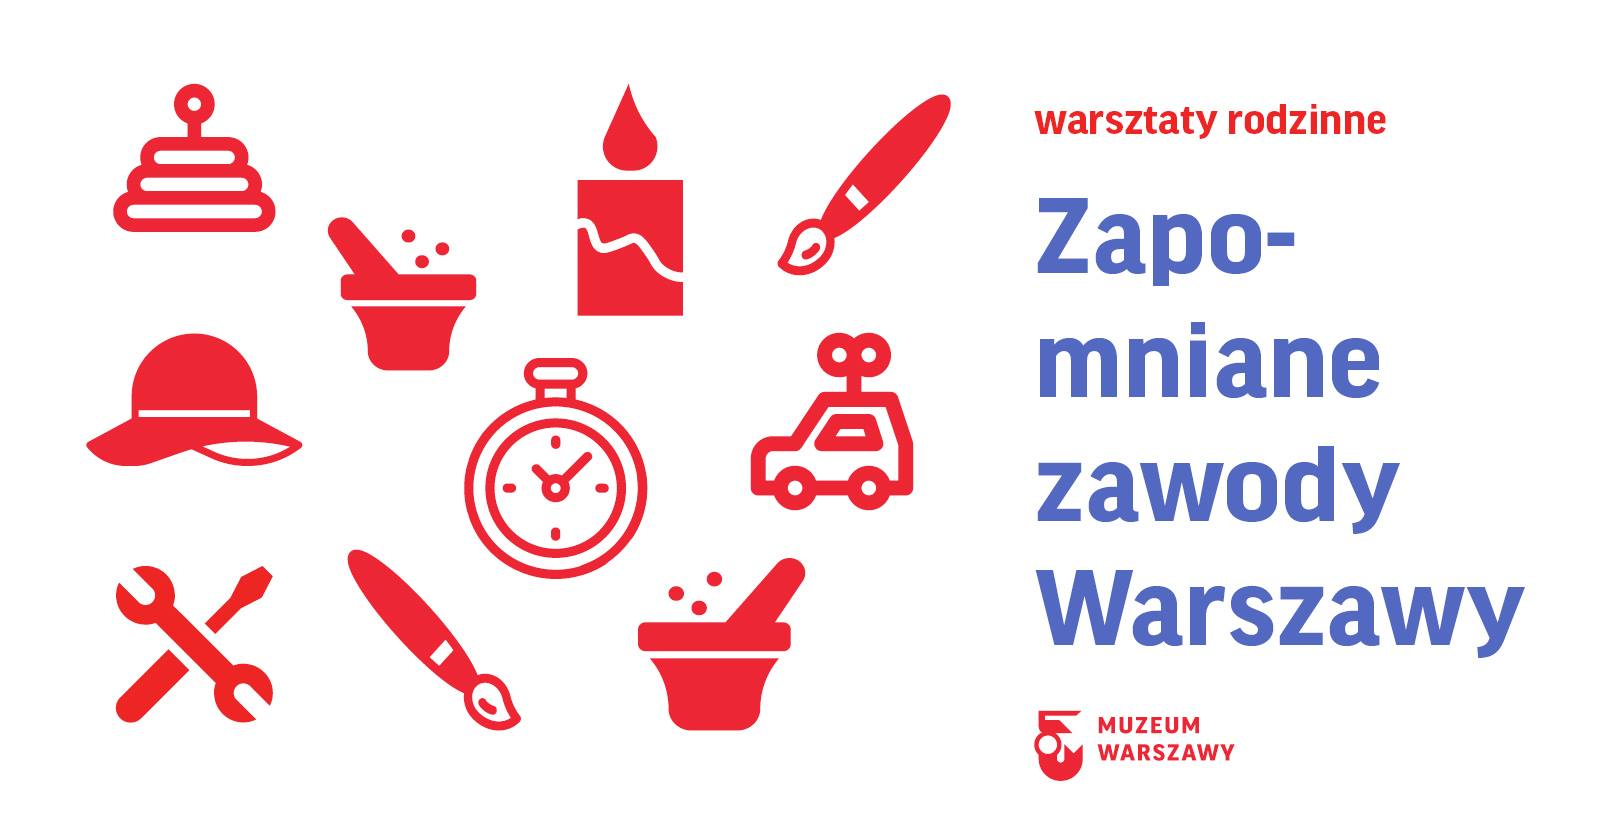 Zapomniane zawody Warszawy | Złotnik